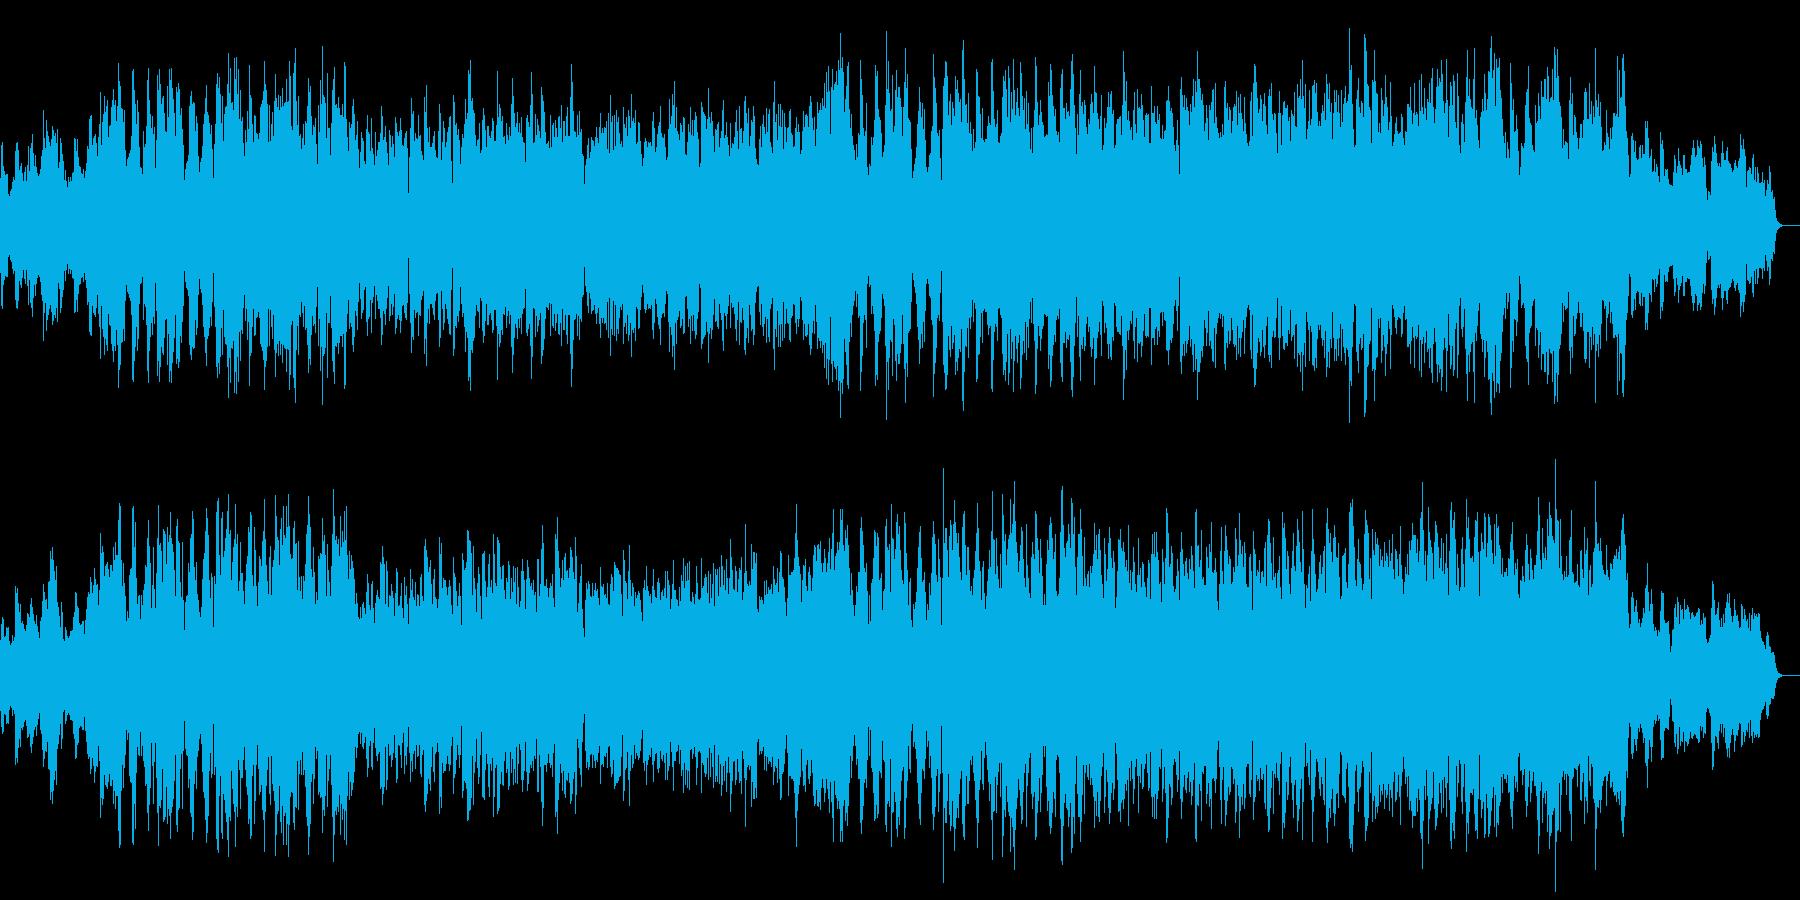 前向きで勇敢なハリウッド風管弦楽曲の再生済みの波形